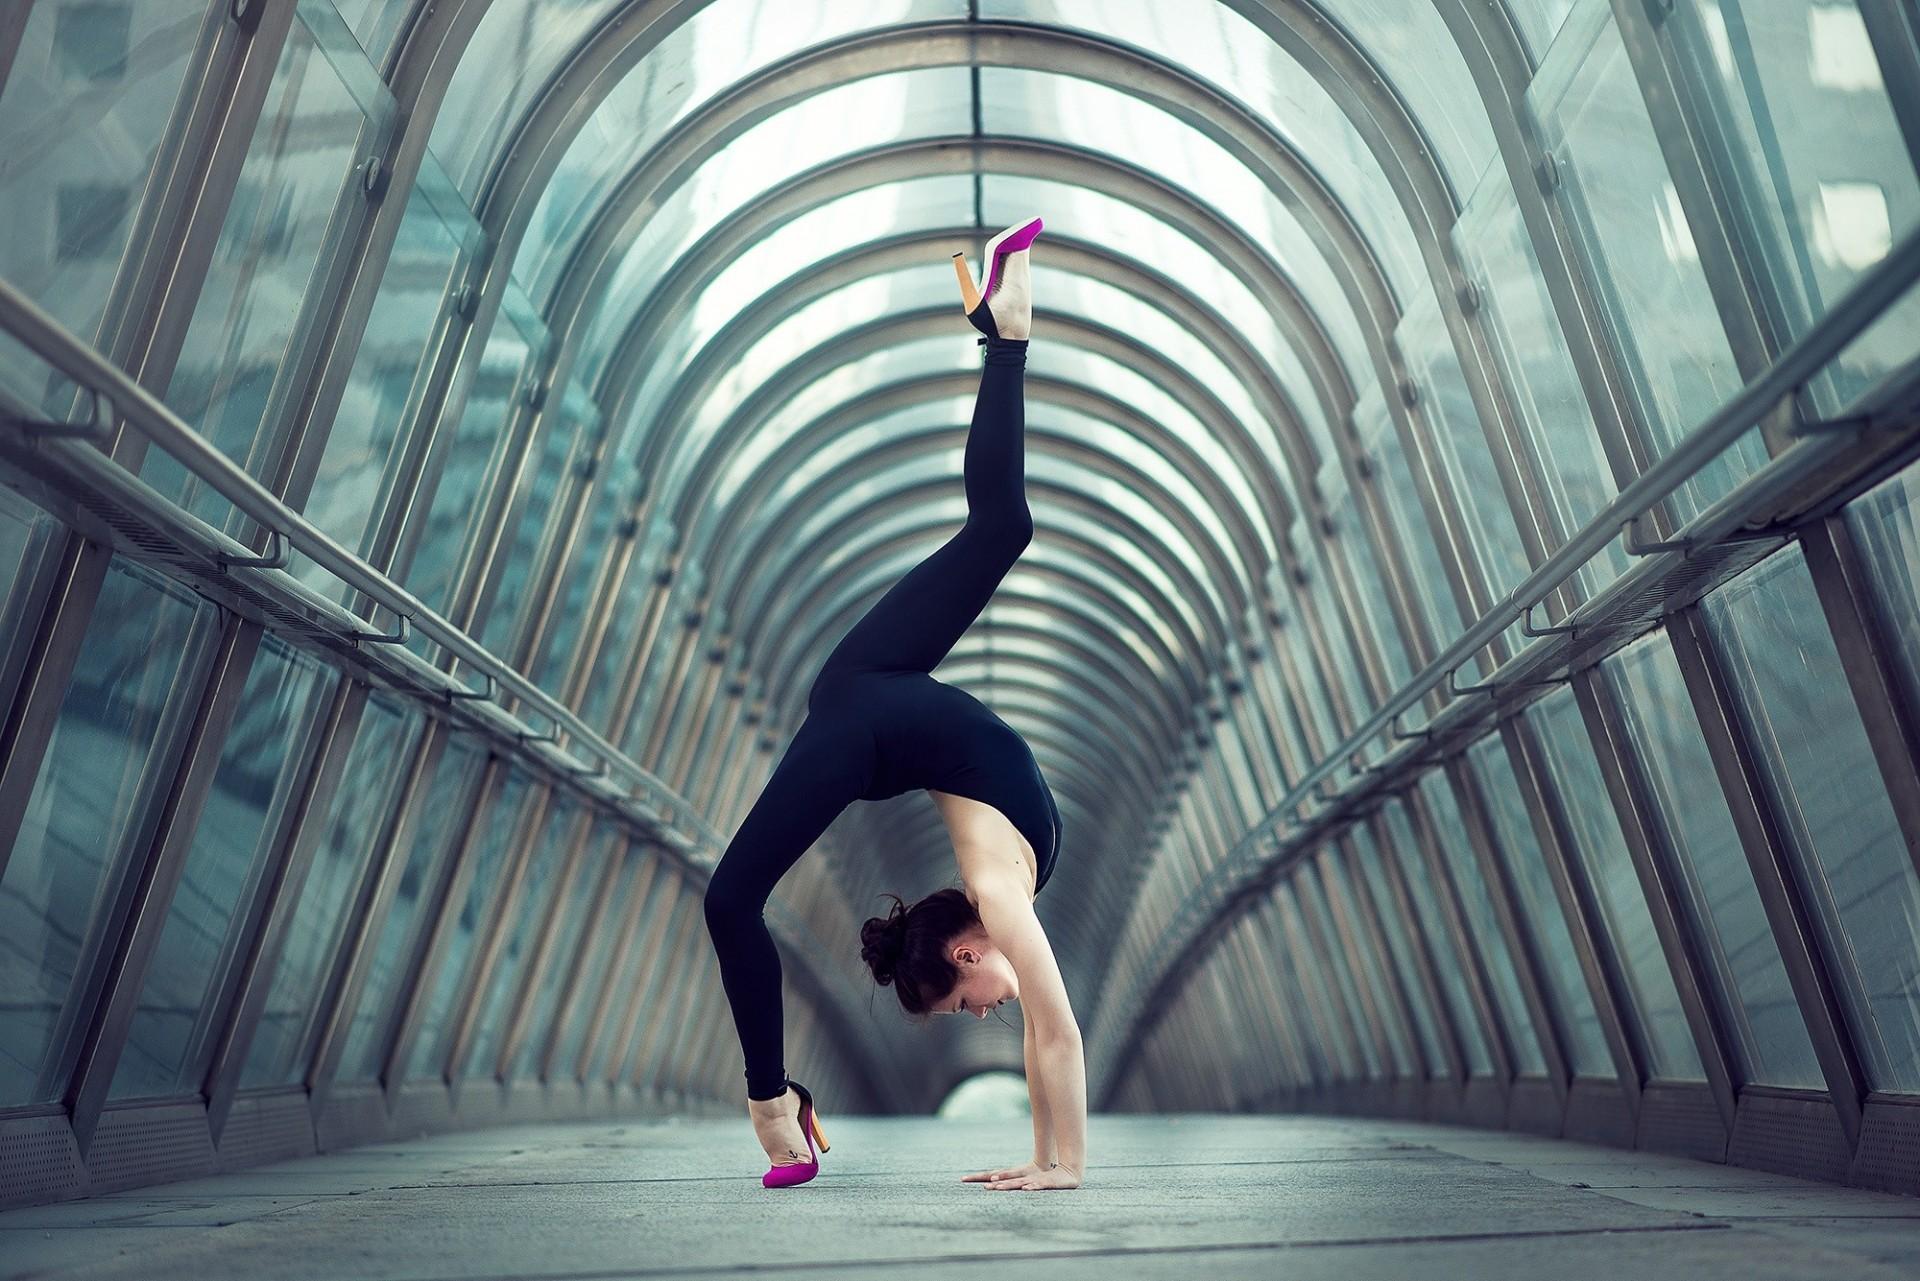 sport-gimnastka-na-shpagate-foto-razdvinula-nogi-v-pantalonah-porno-foto